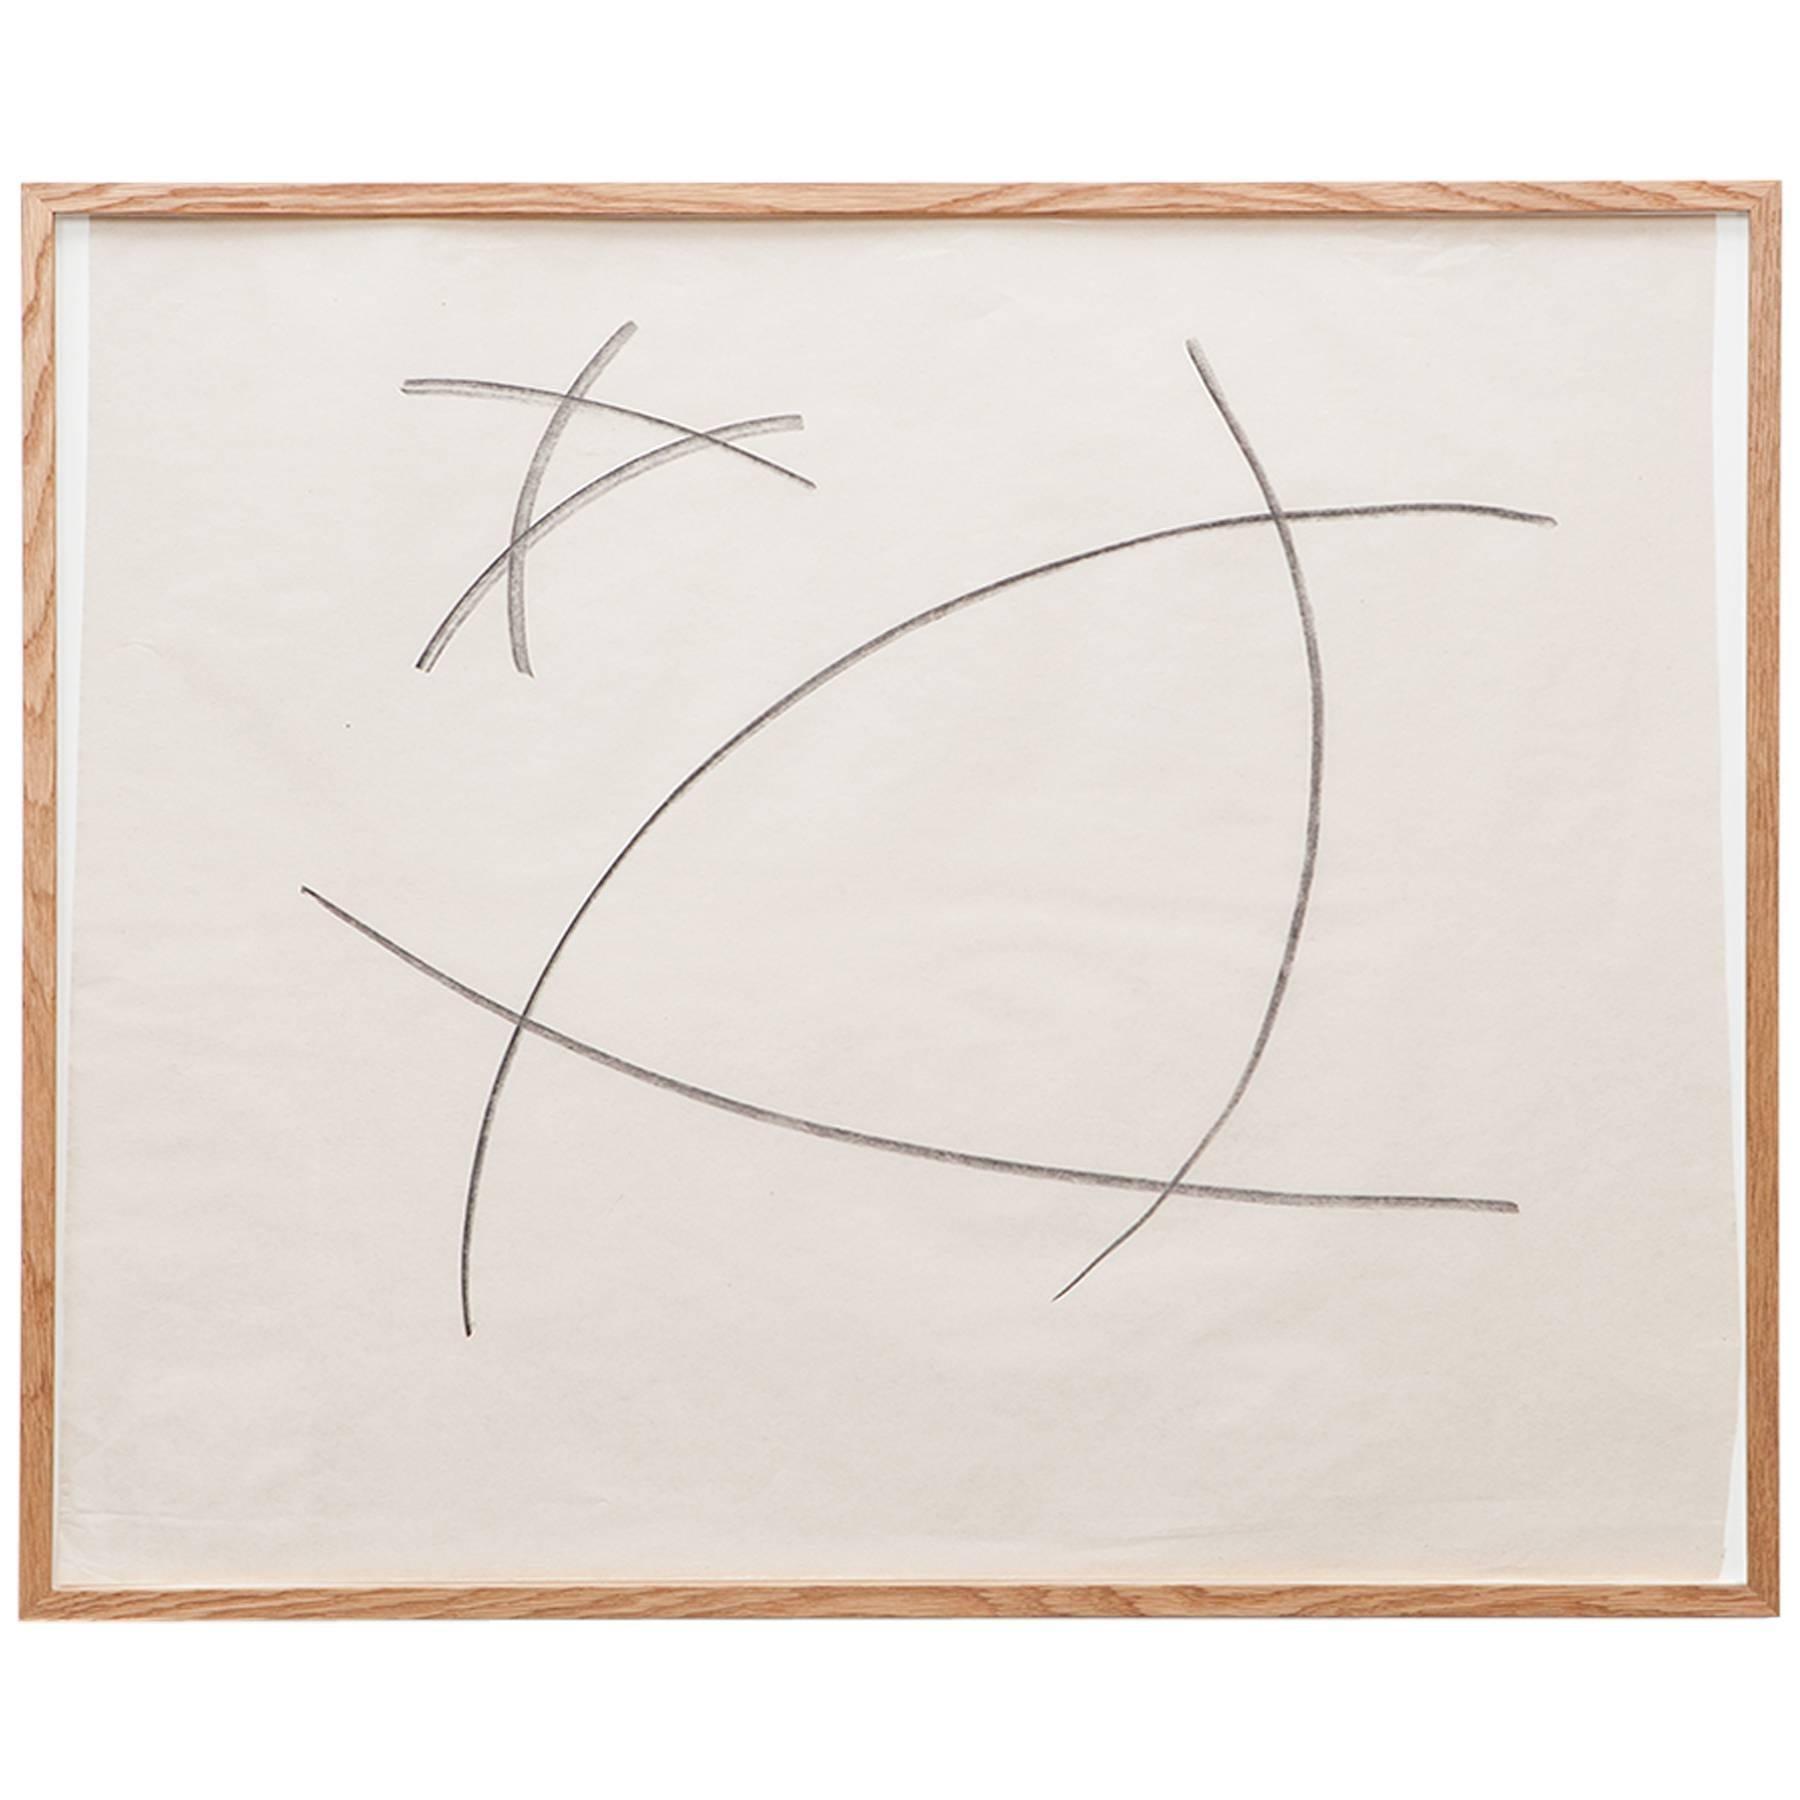 Anton Stankowski Drawing 'a'